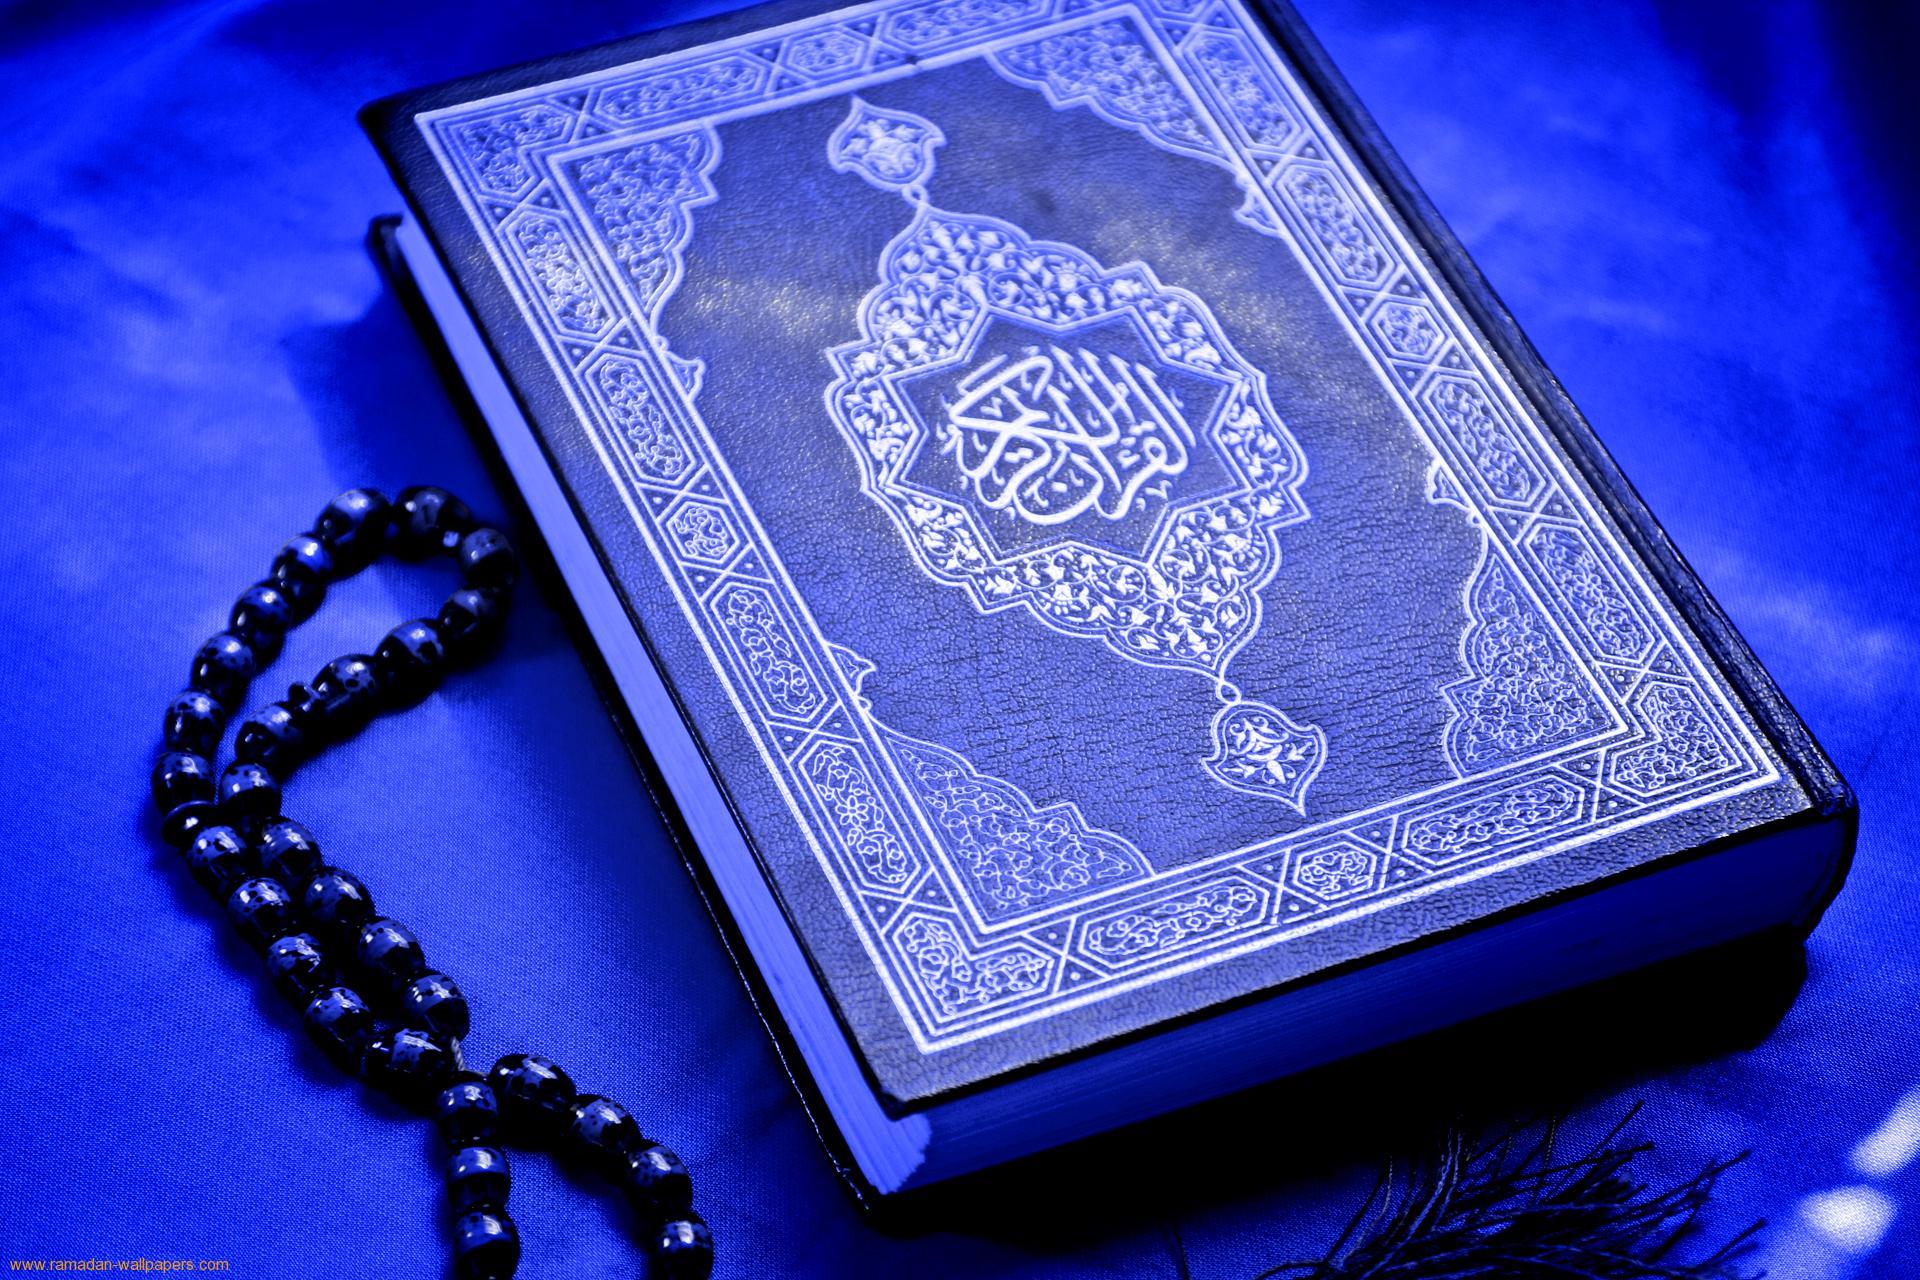 آسیبشناسی قرآنی، نقشی ضروری در ارتقا فرهنگی